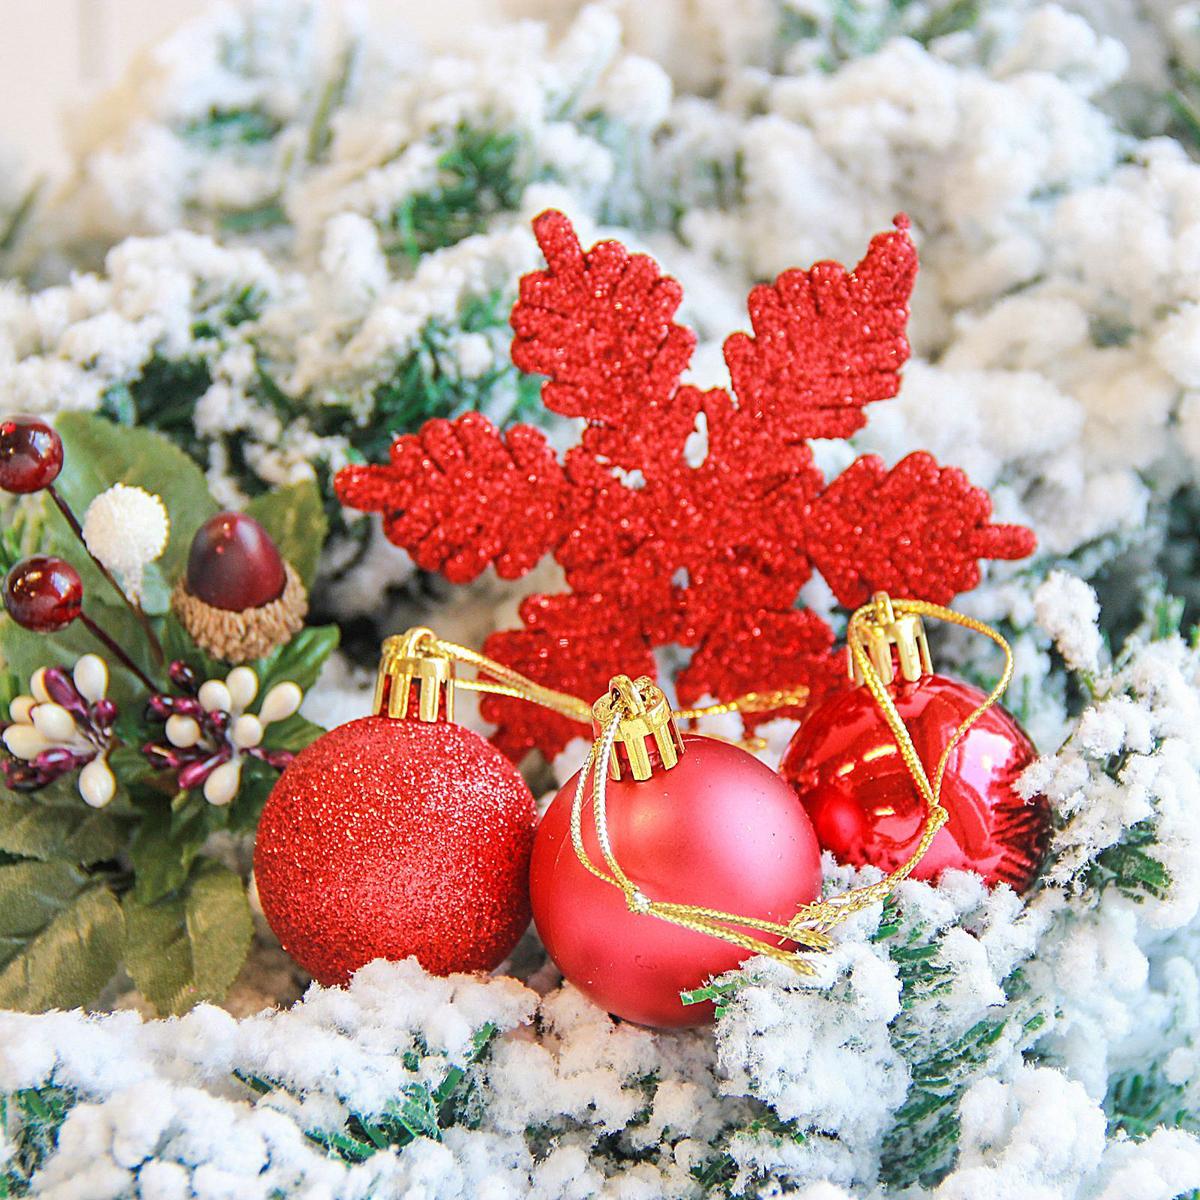 Набор новогодних подвесных украшений Sima-land Снежинка, цвет: красный, 24 шт2122898Набор новогодних подвесных украшений Sima-land отлично подойдет для декорации вашего дома и новогодней ели. С помощью специальной петельки украшение можно повесить в любом понравившемся вам месте. Но, конечно, удачнее всего оно будет смотреться на праздничной елке. Елочная игрушка - символ Нового года. Она несет в себе волшебство и красоту праздника. Создайте в своем доме атмосферу веселья и радости, украшая новогоднюю елку нарядными игрушками, которые будут из года в год накапливать теплоту воспоминаний.